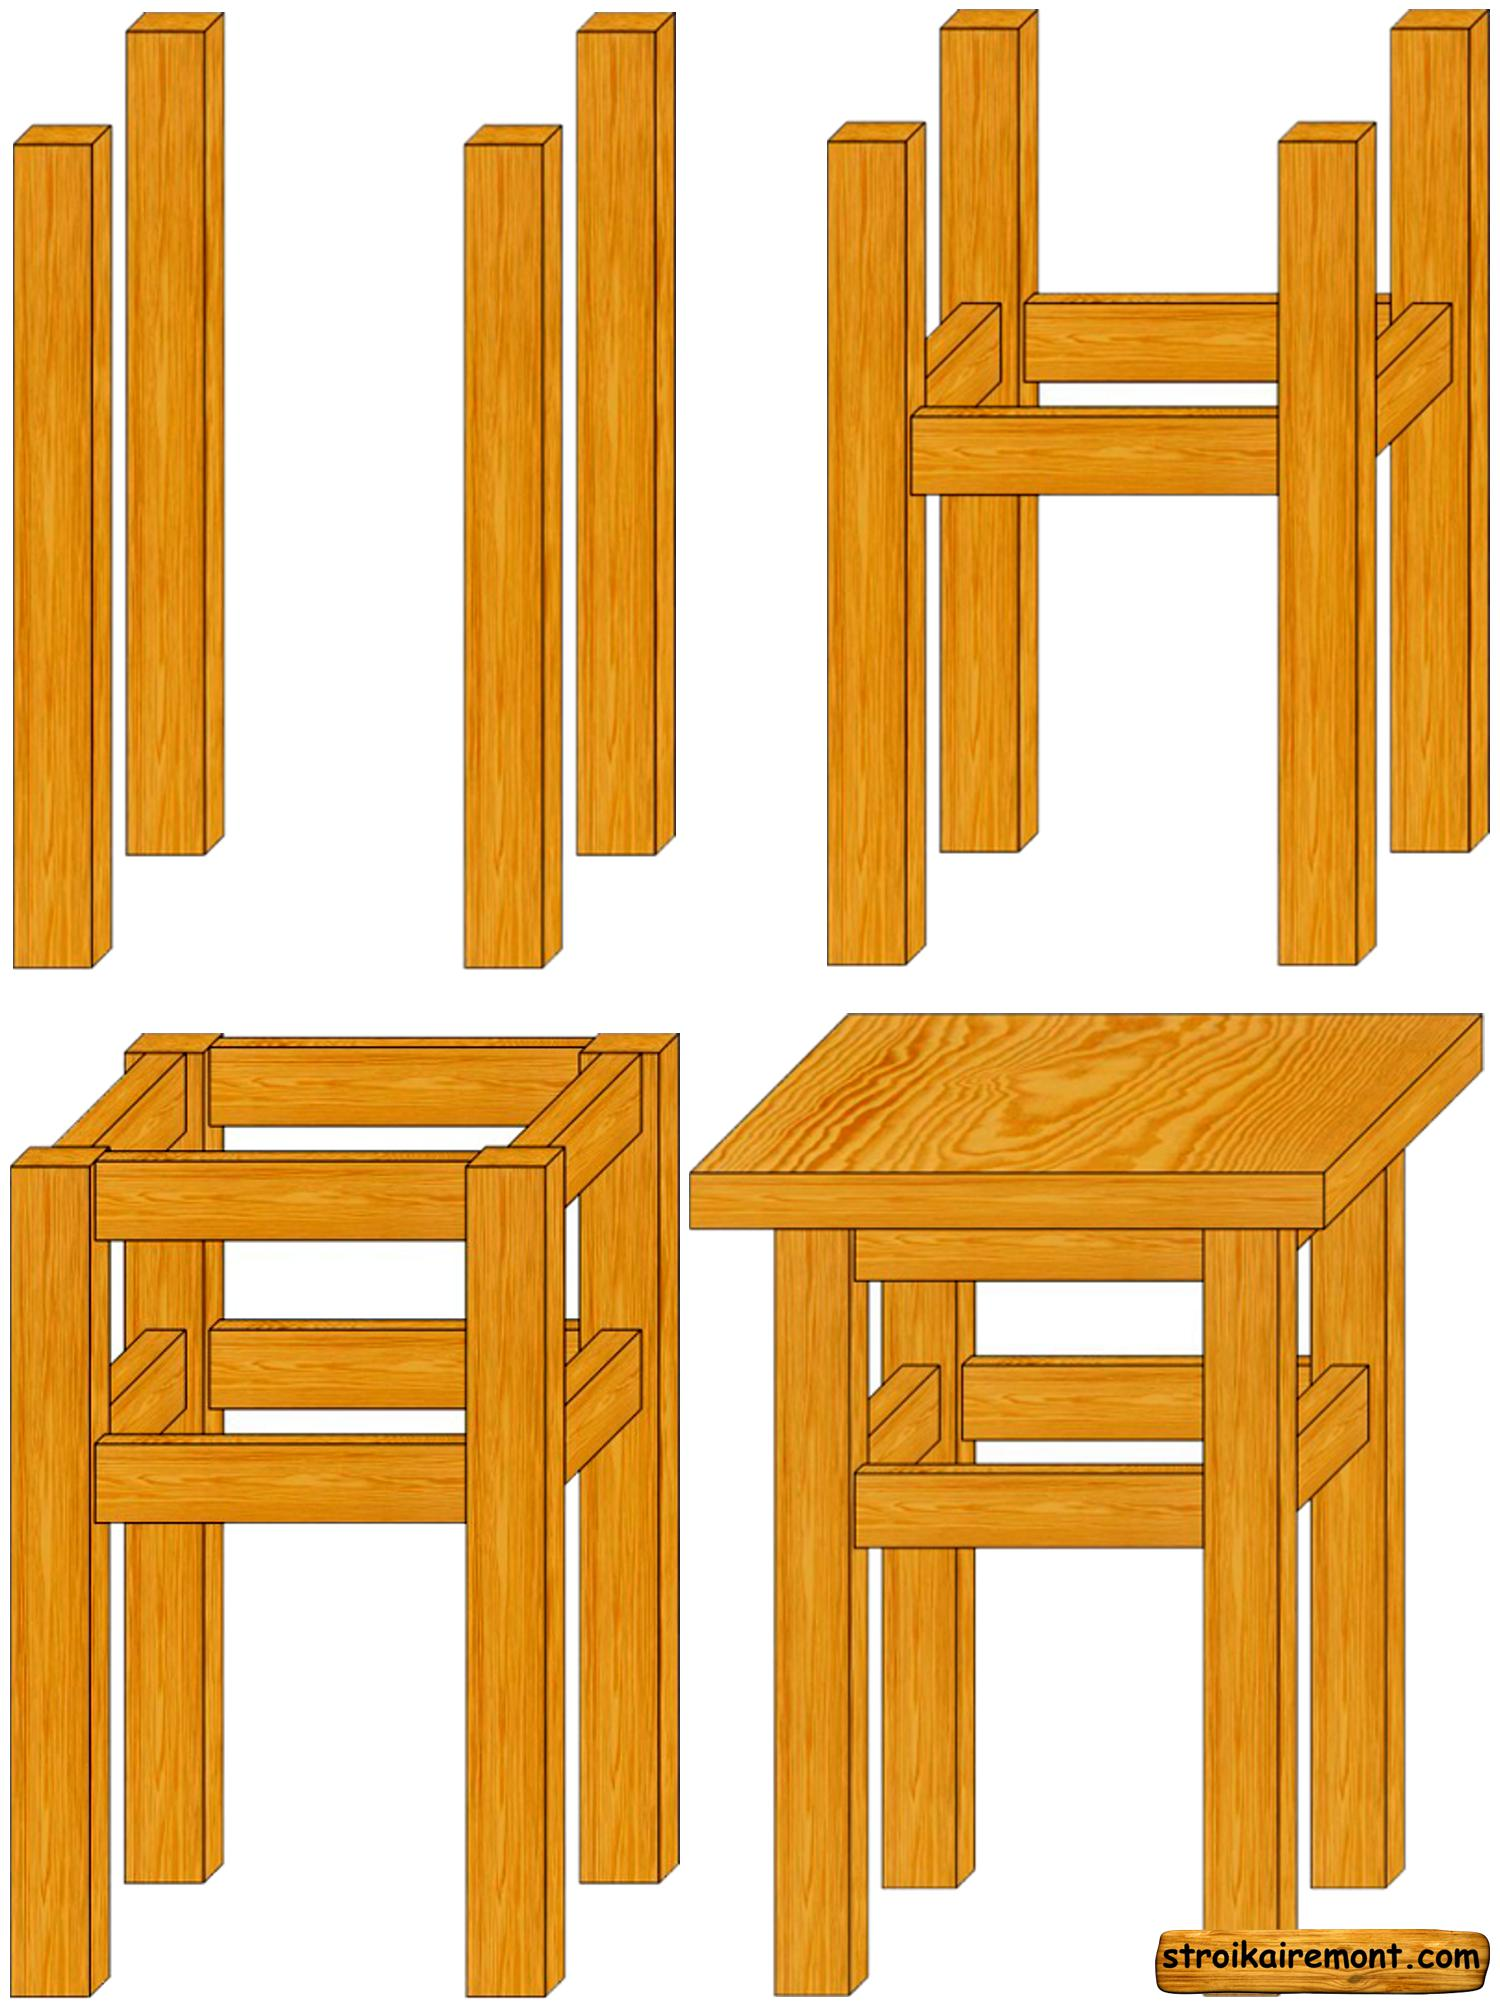 Мебель из дерева для бани схемы и описание